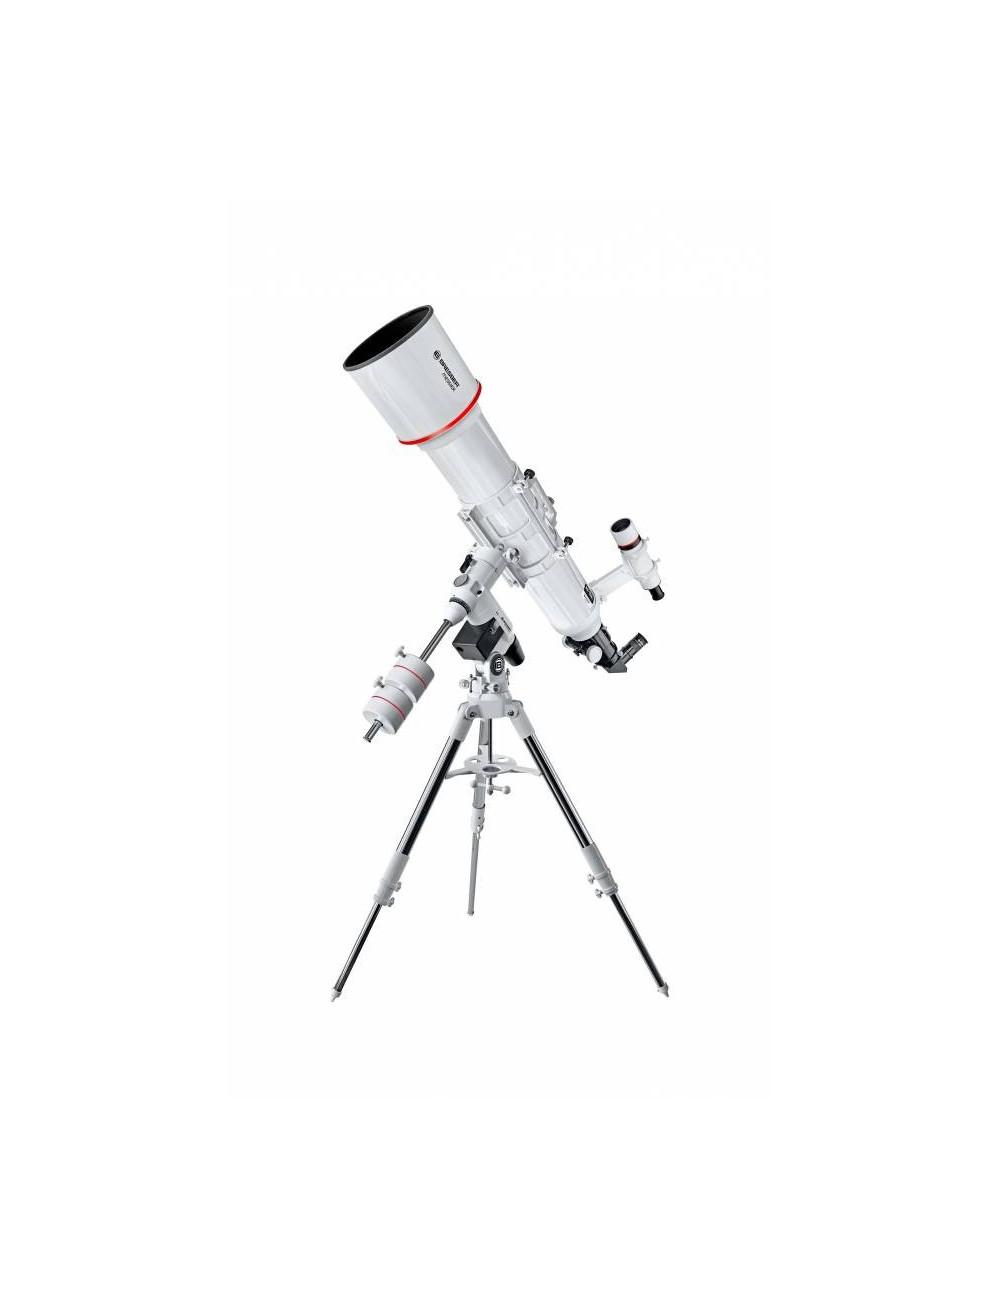 Lunette astronomique Bresser Messier AR-152L 152/1200 EXOS-2